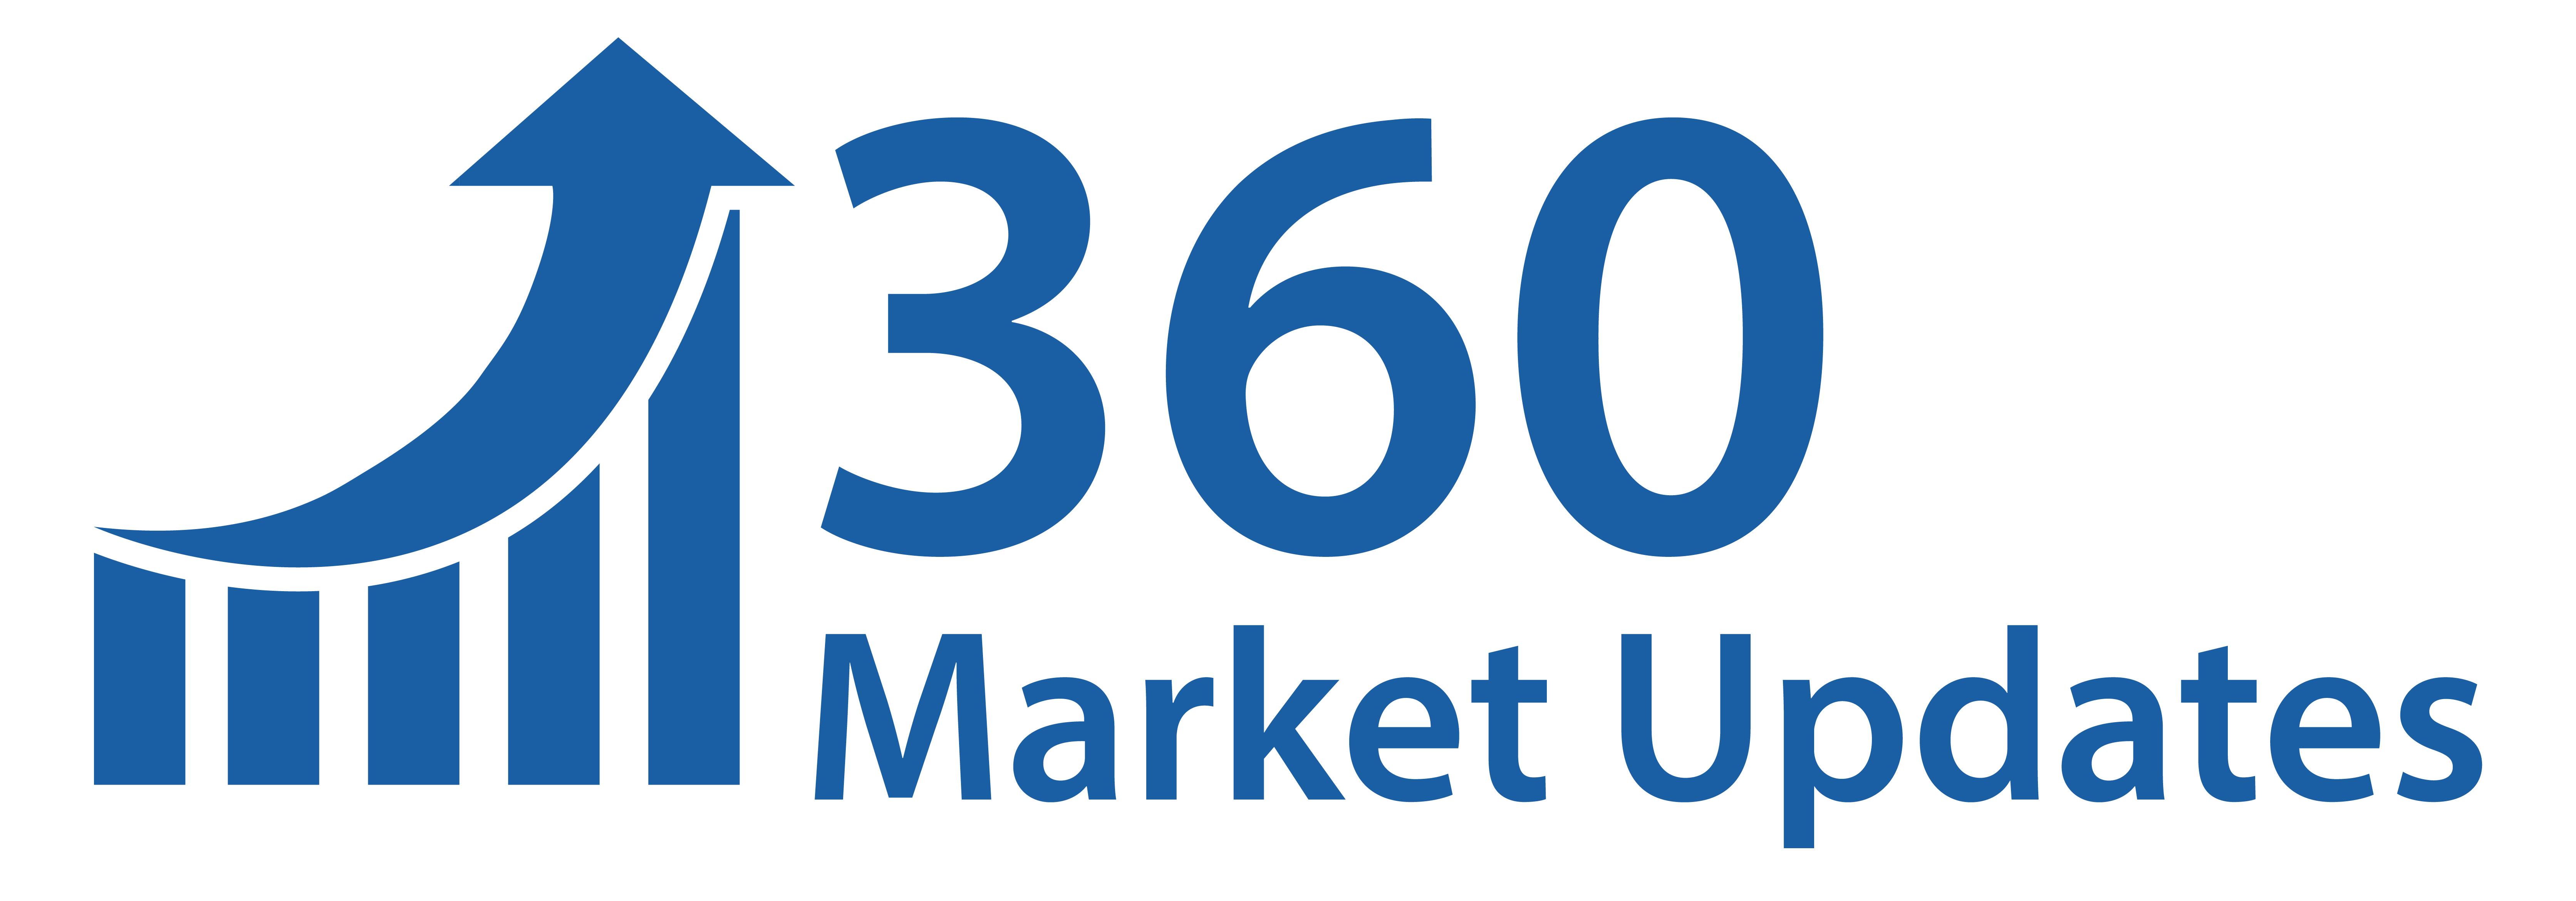 Globaler Markt für HLK-Testgeräte | Trends, Wachstumsfaktoren, Historische Analyse | Detaillierte Analyse, Vertrieb, Führende Akteure, Zukünftige Investitionen nach Prognose bis 2025